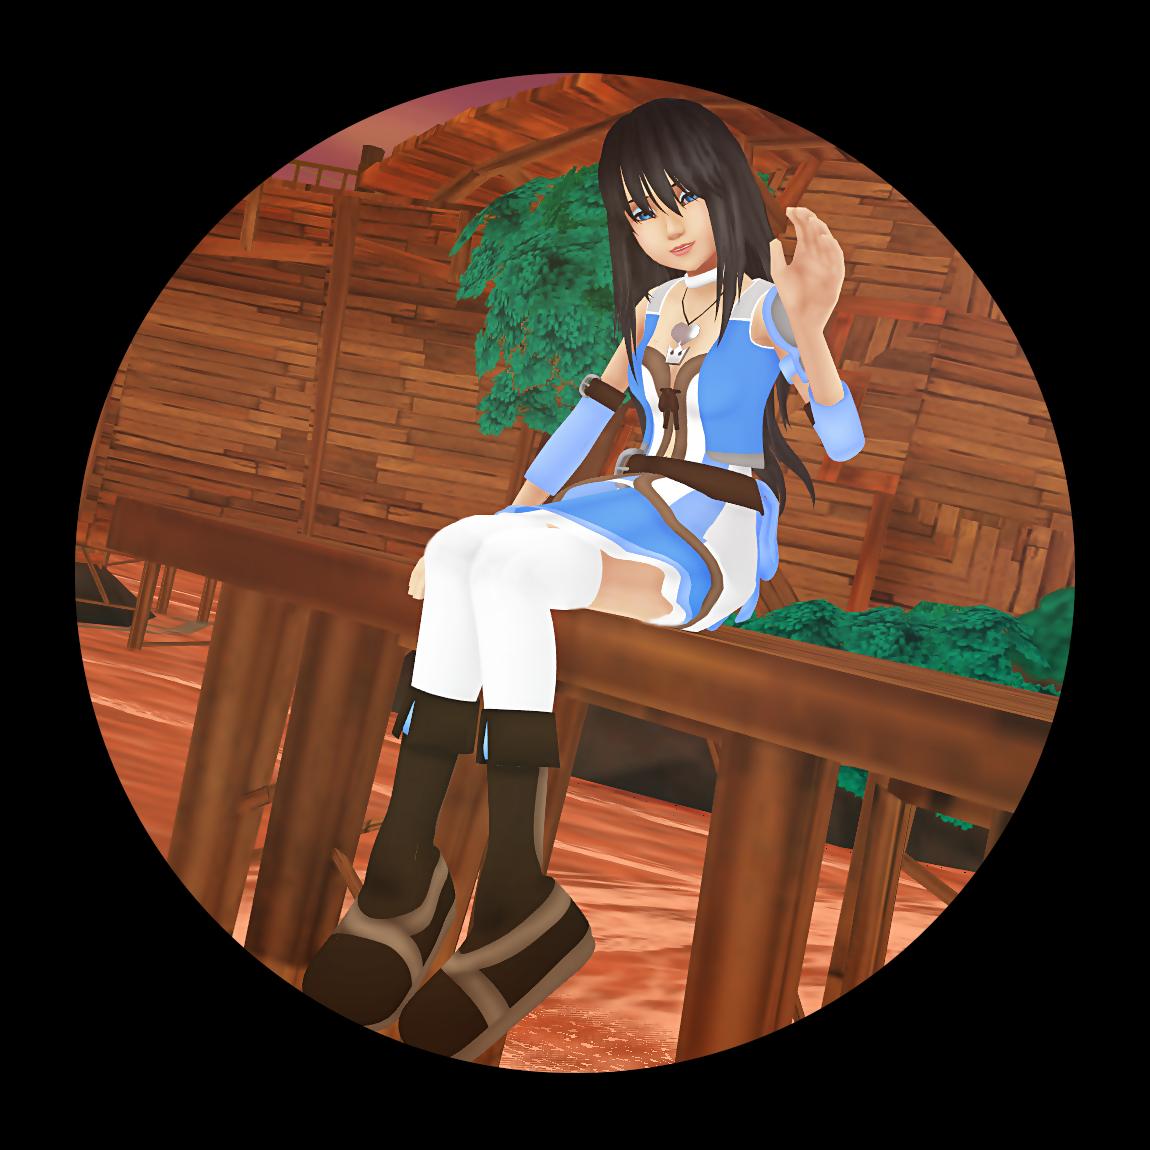 Chiyubelle's Profile Picture